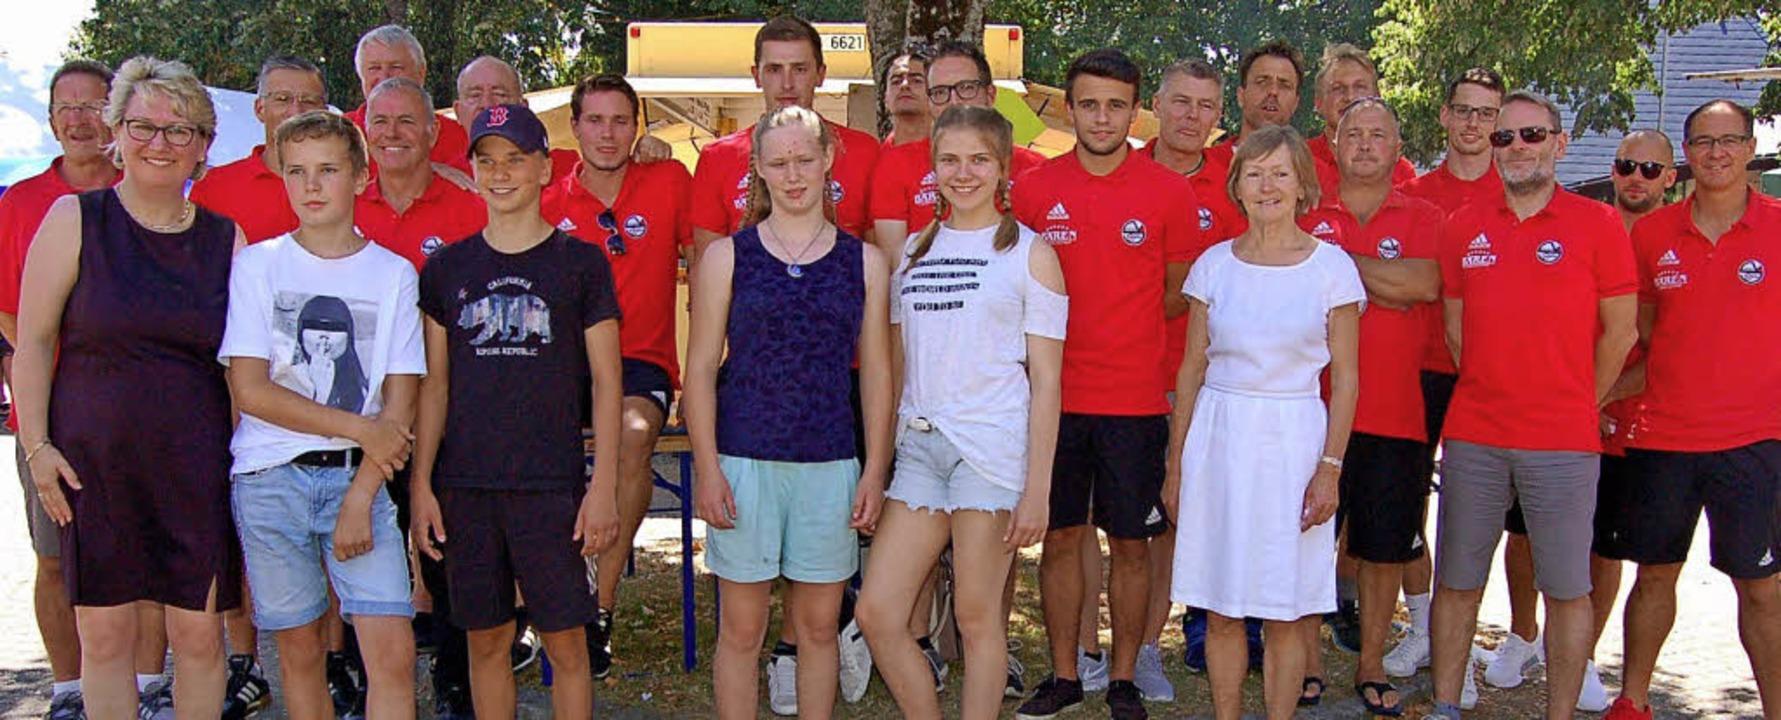 Bürgermeisterin Fränzi Kleeb (links) mit erfolgreichen Sportlern aus Stegen.     Foto: Christian Ringwald